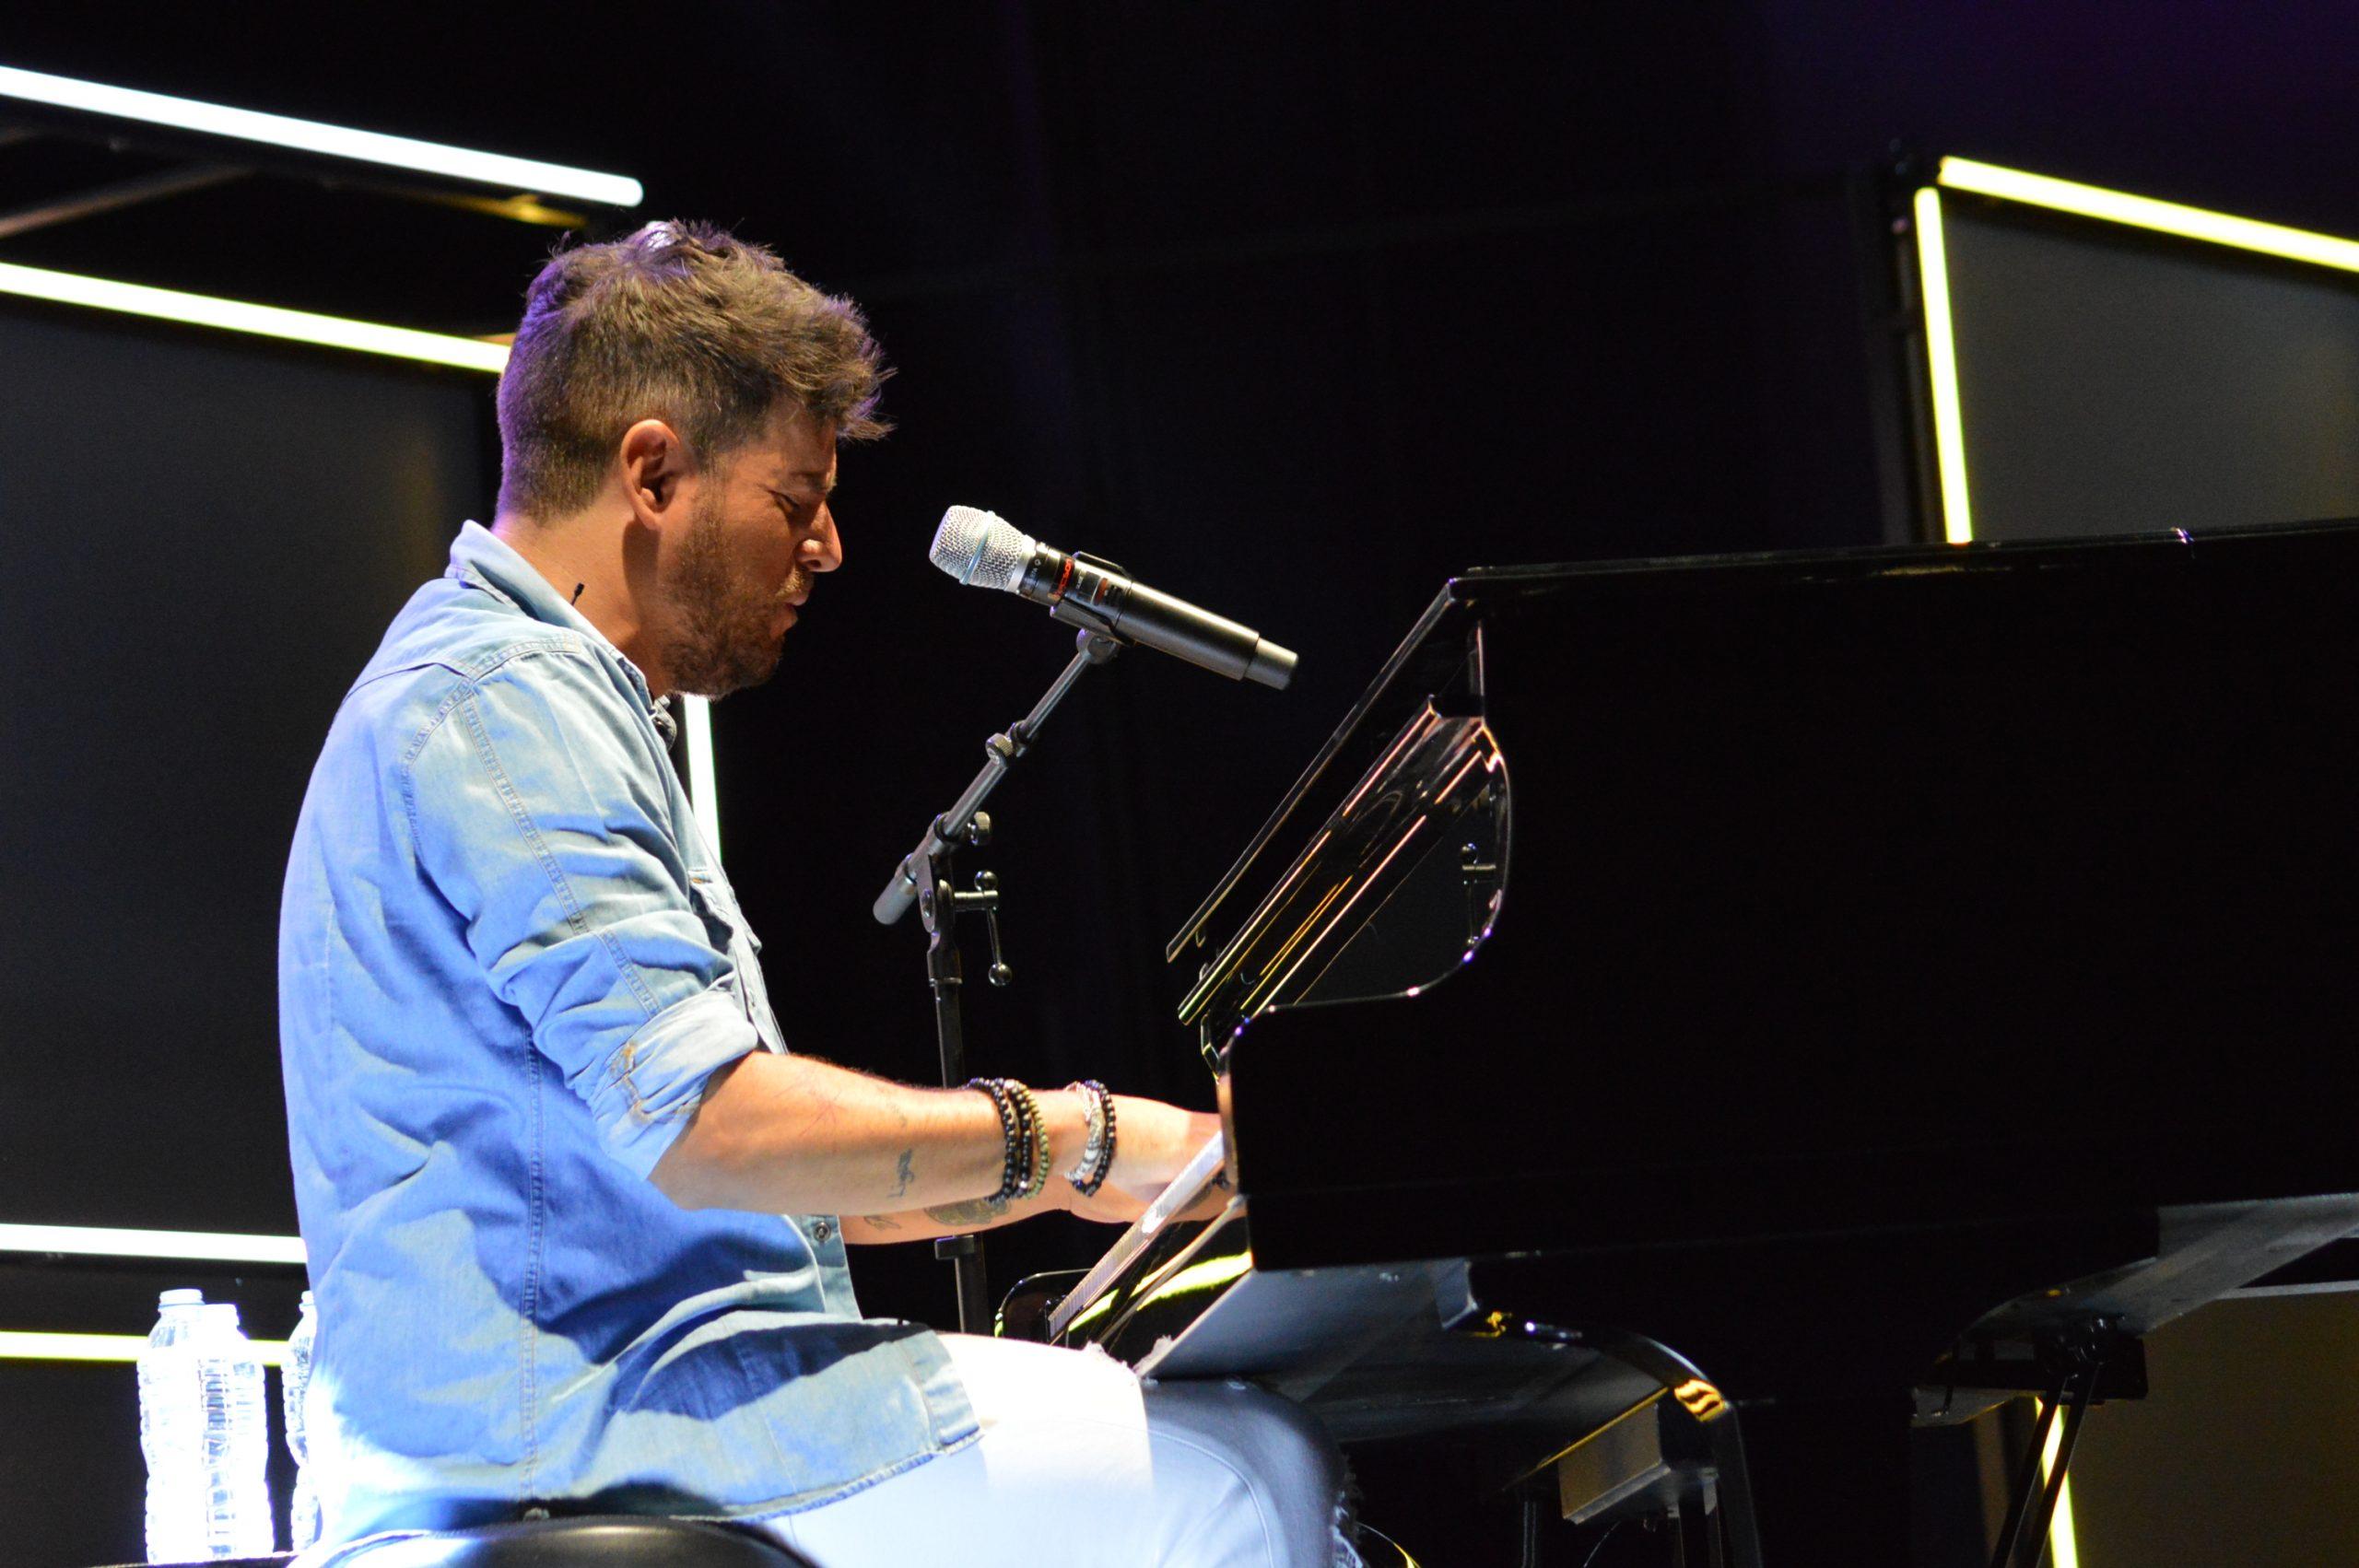 La gira 'López, piano y voz' de Pablo López pone el broche final a las fiestas de la Encina que nunca hubiéramos querido vivir 6